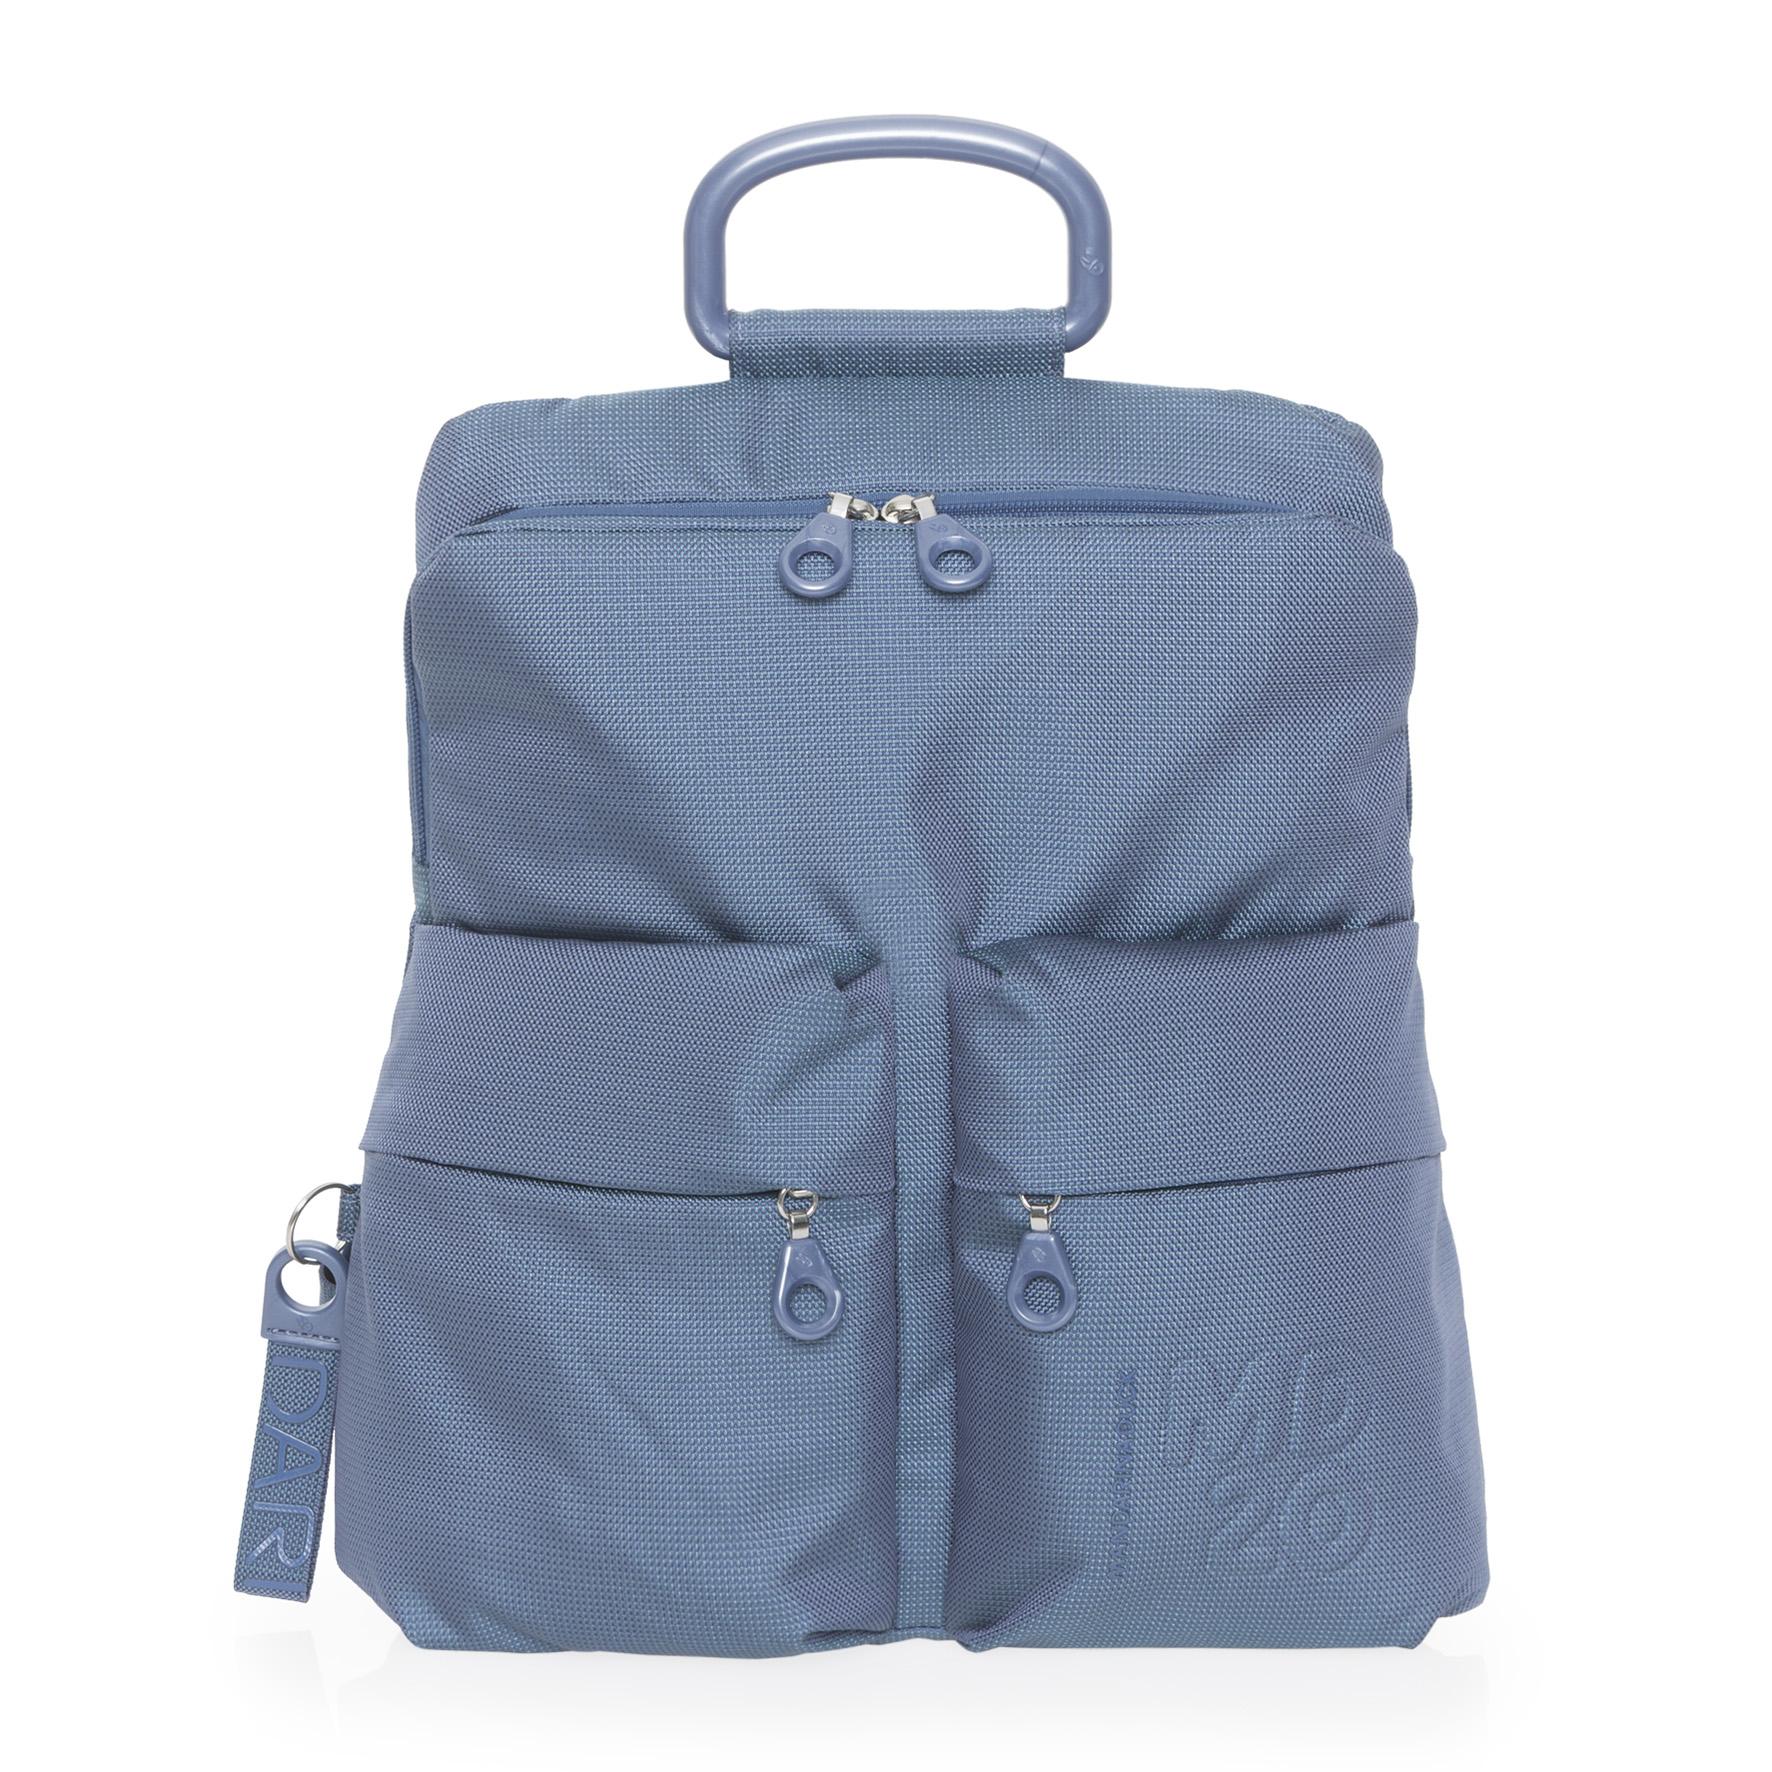 QMTZ4 azul